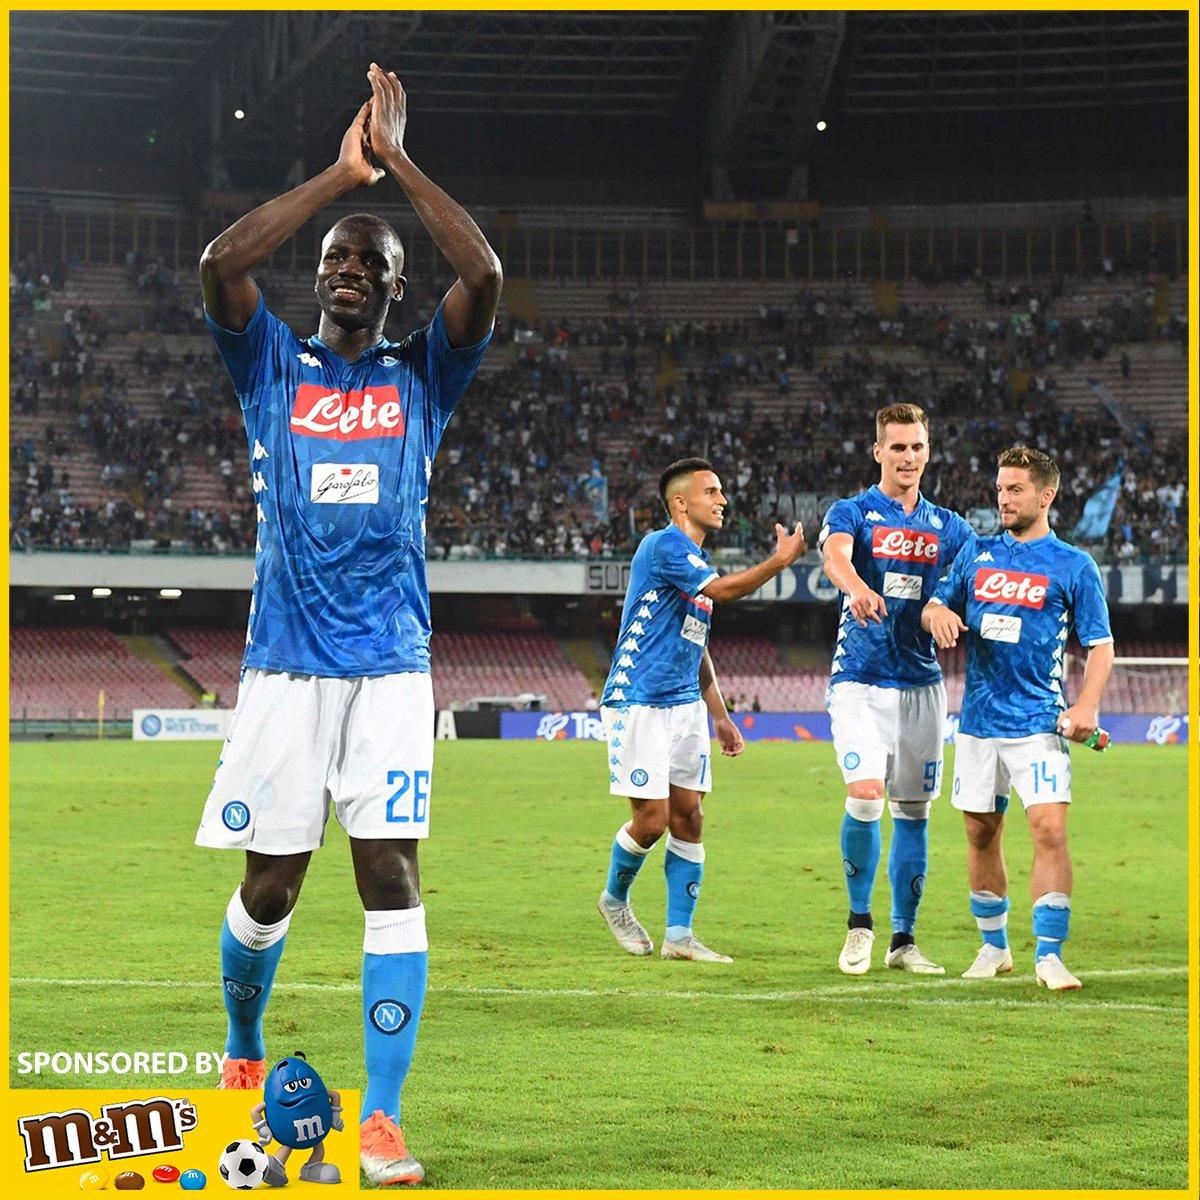 Insigne segna da centravanti, non col tiro a giro: è il Napoli verticale di Ancelotti